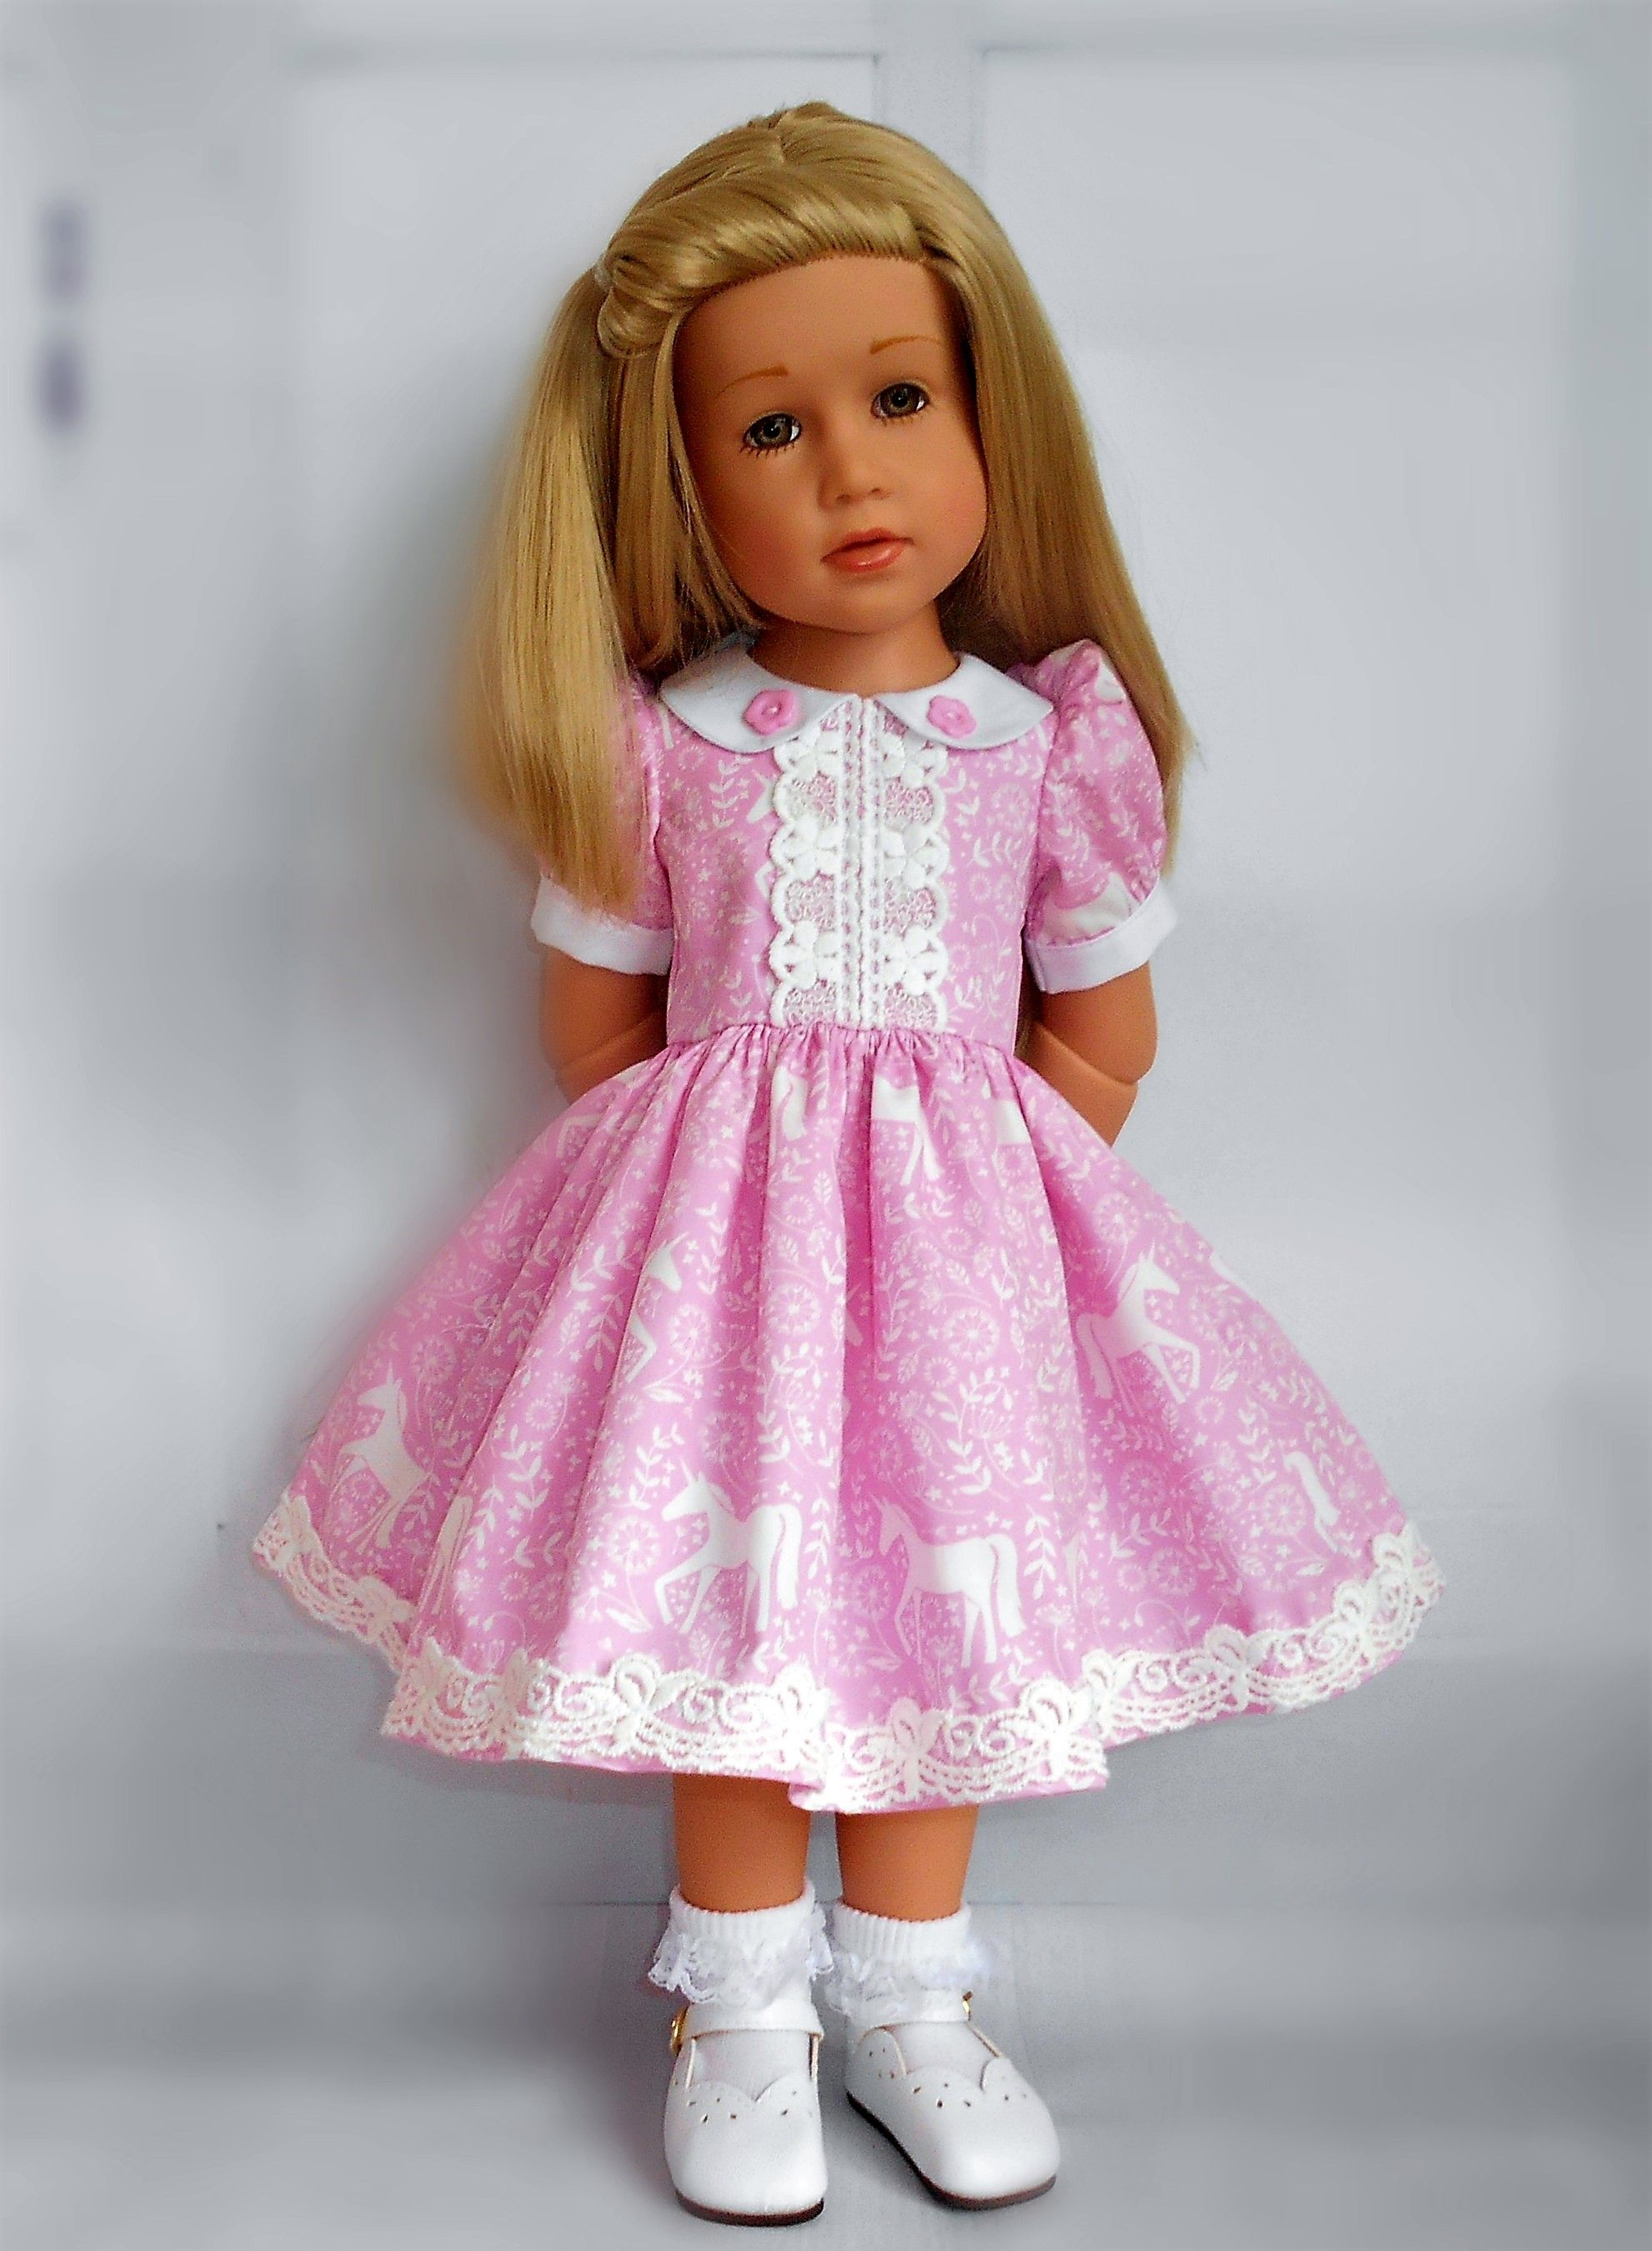 Épinglé par Carole Turman sur America doll fancy dresses   Pinterest    poupées Gotz 138892aa765